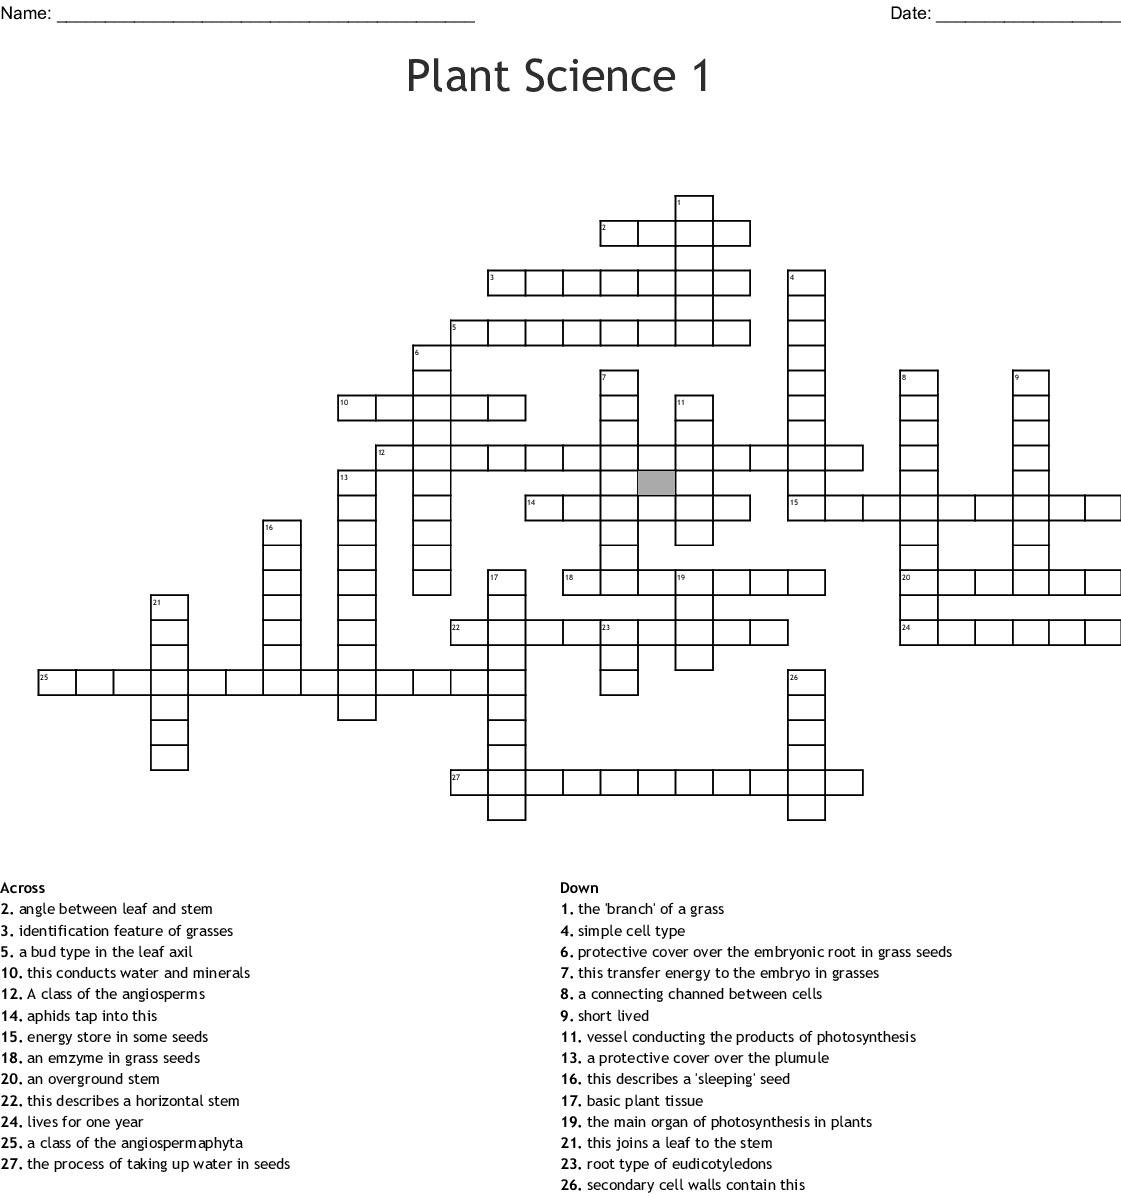 Plant Science 1 Crossword